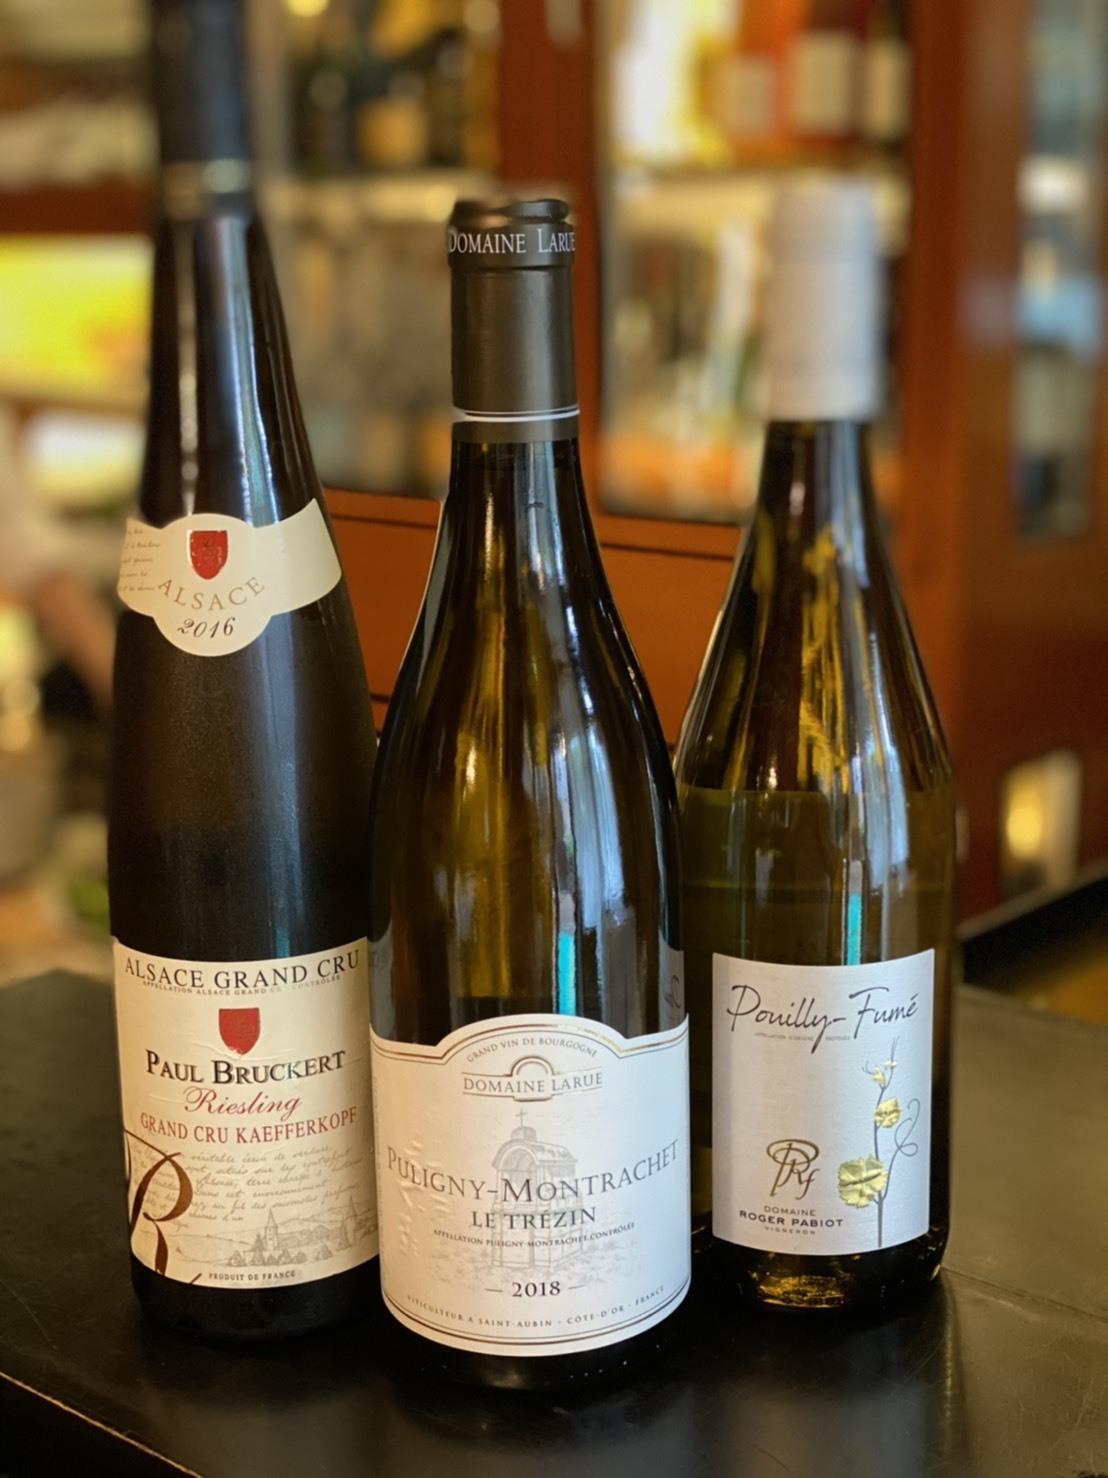 【緊急事態宣言中限定価格】フランスを代表するブルゴーニュ、アルザス、ロワール白ワイン3種類セット(計3本)